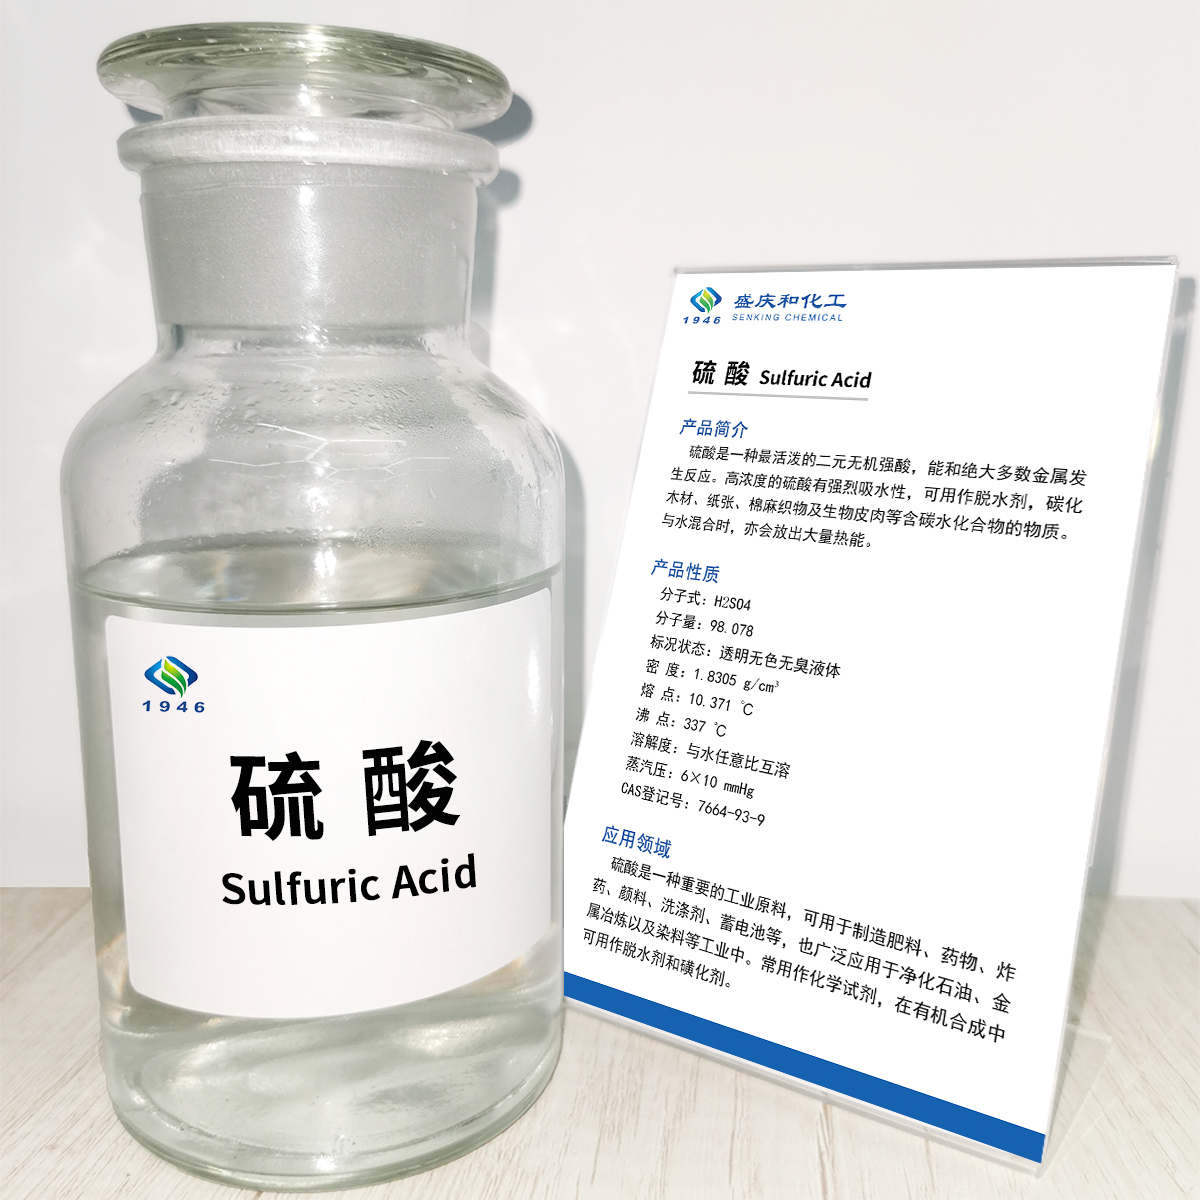 中 和 硫酸